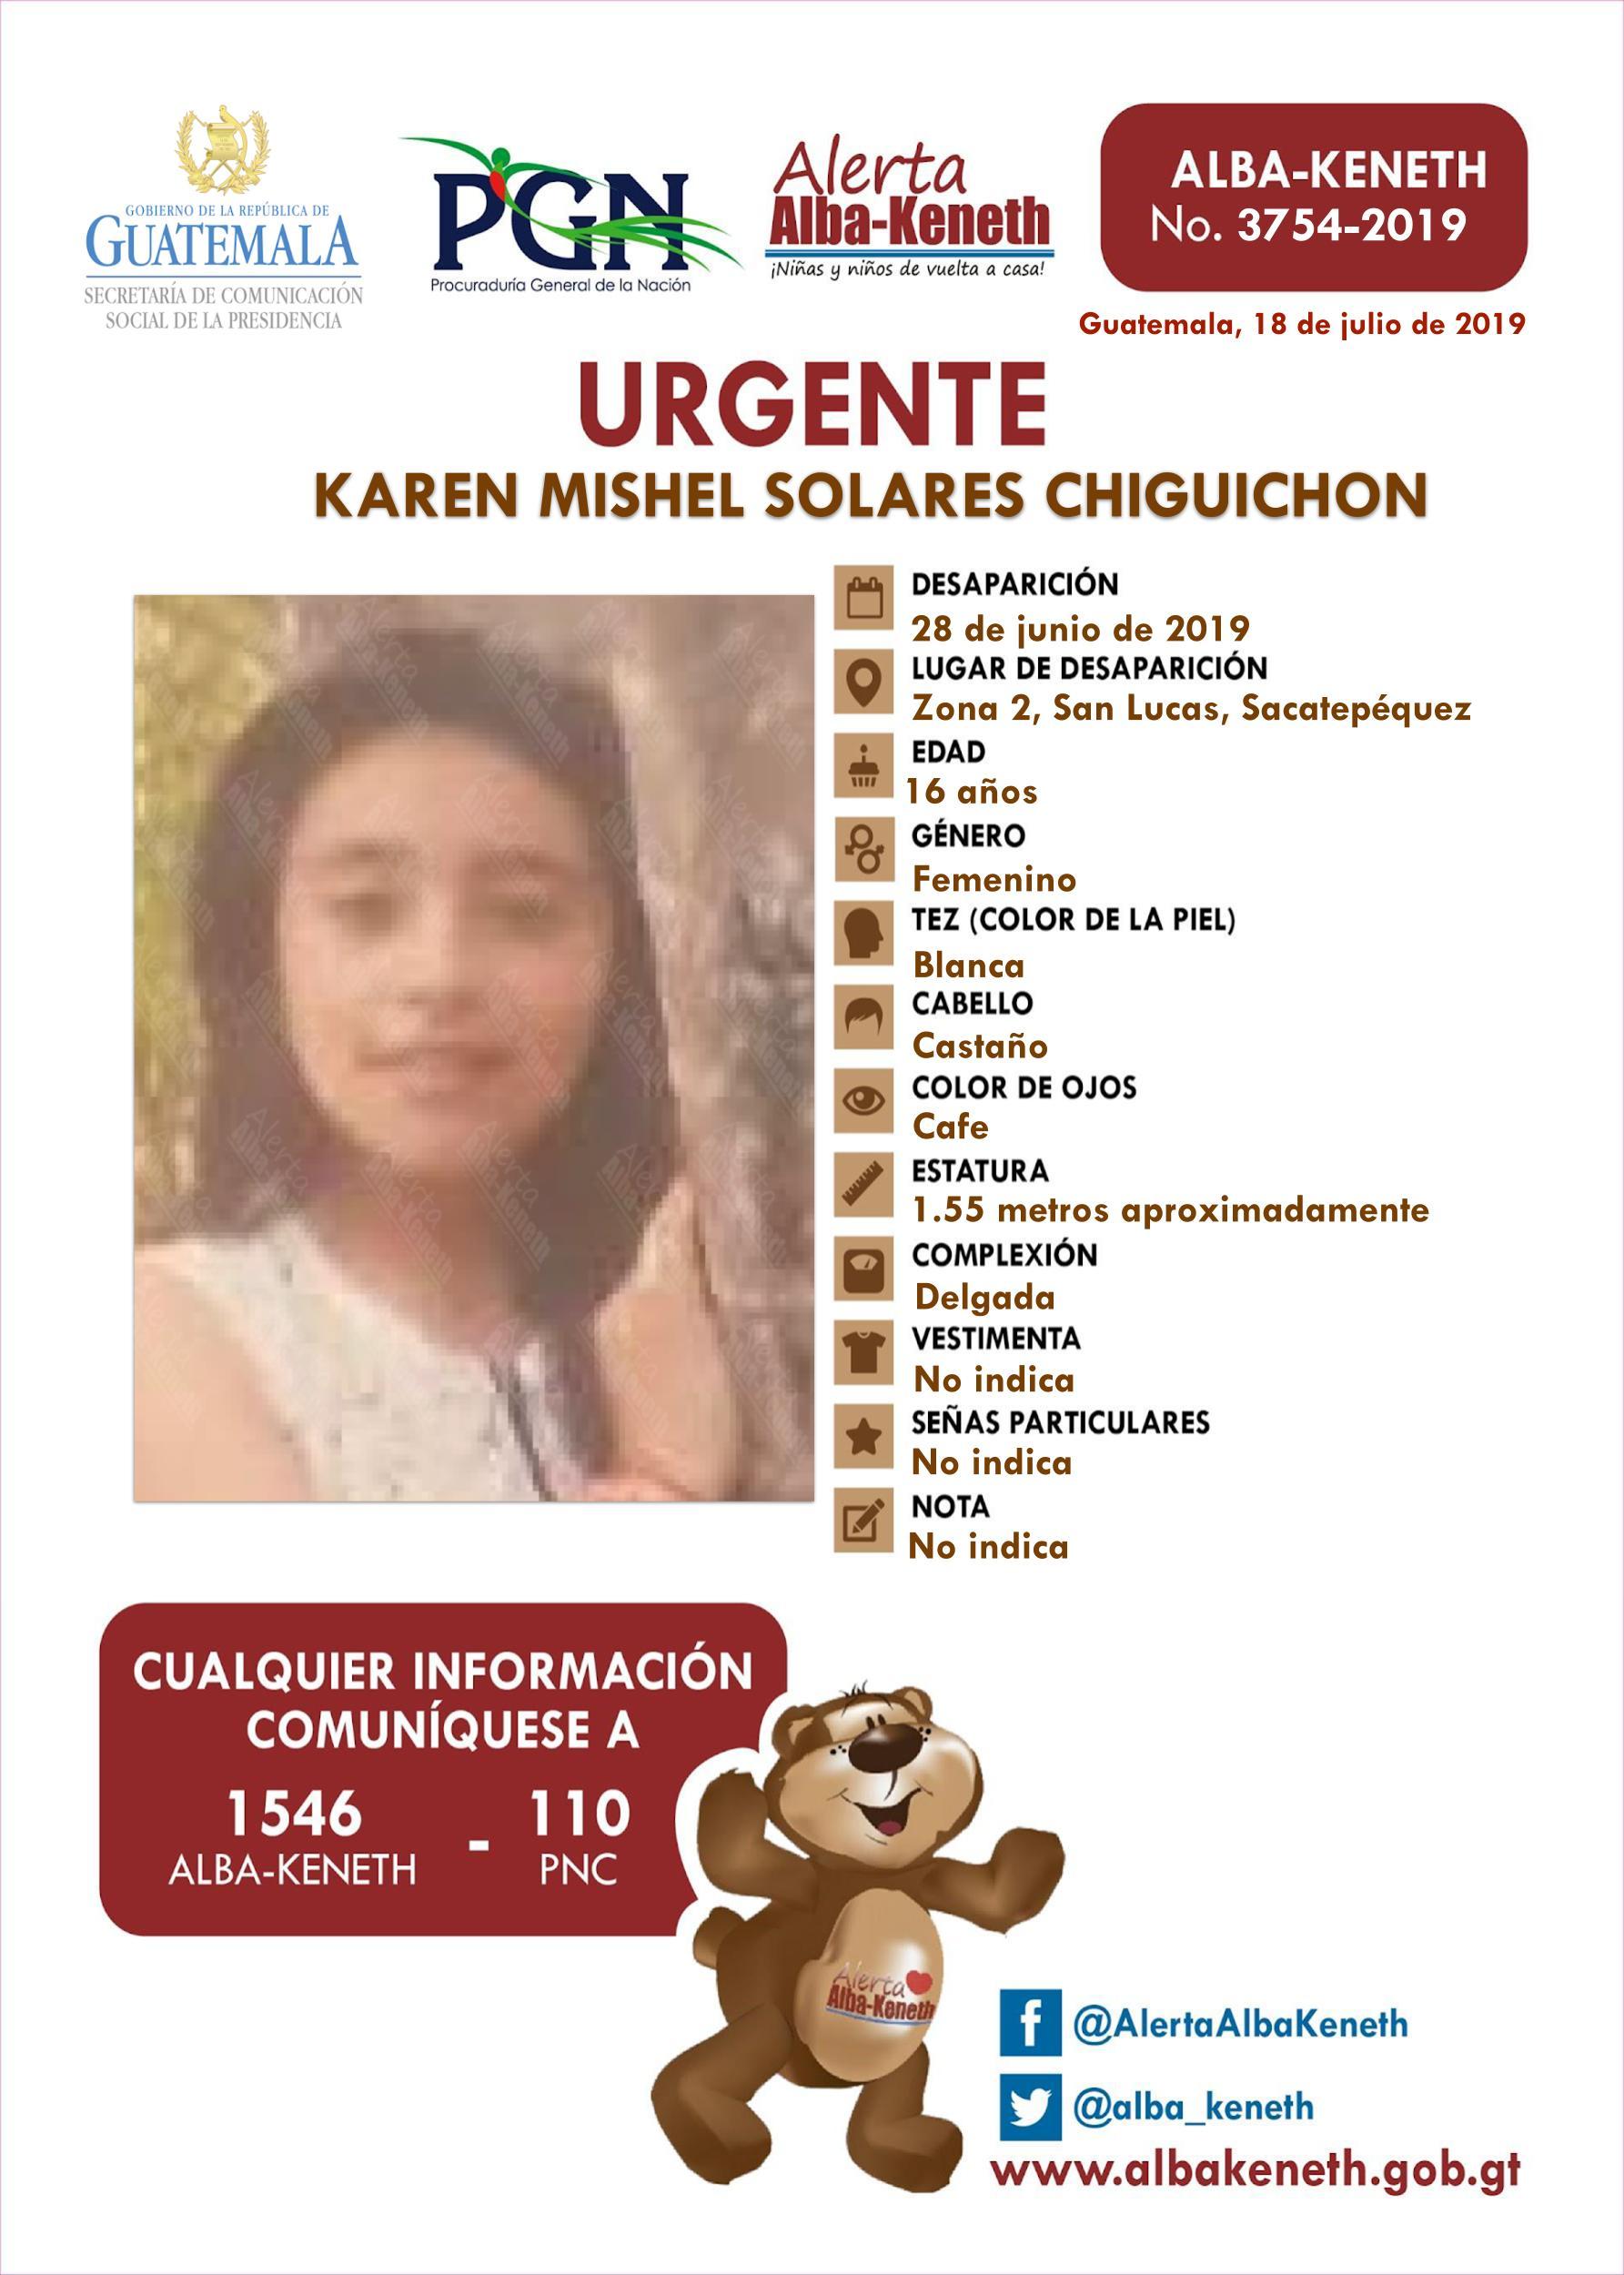 Karen Mishel Solares Chiguichon